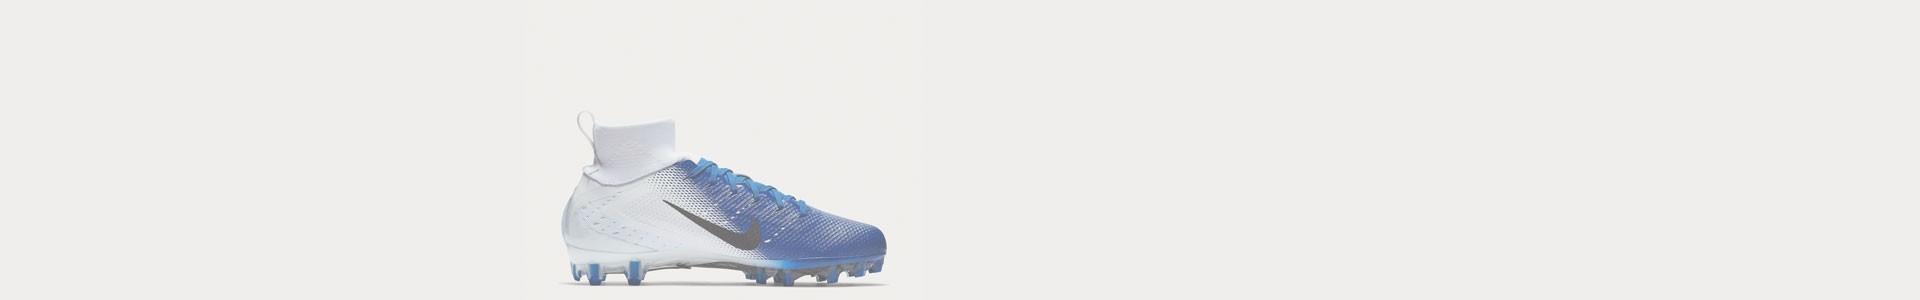 Sur oeste Continuamente ellos  Botas de fútbol americano para Hombre online | Compra en AnyGivenSunday.Shop